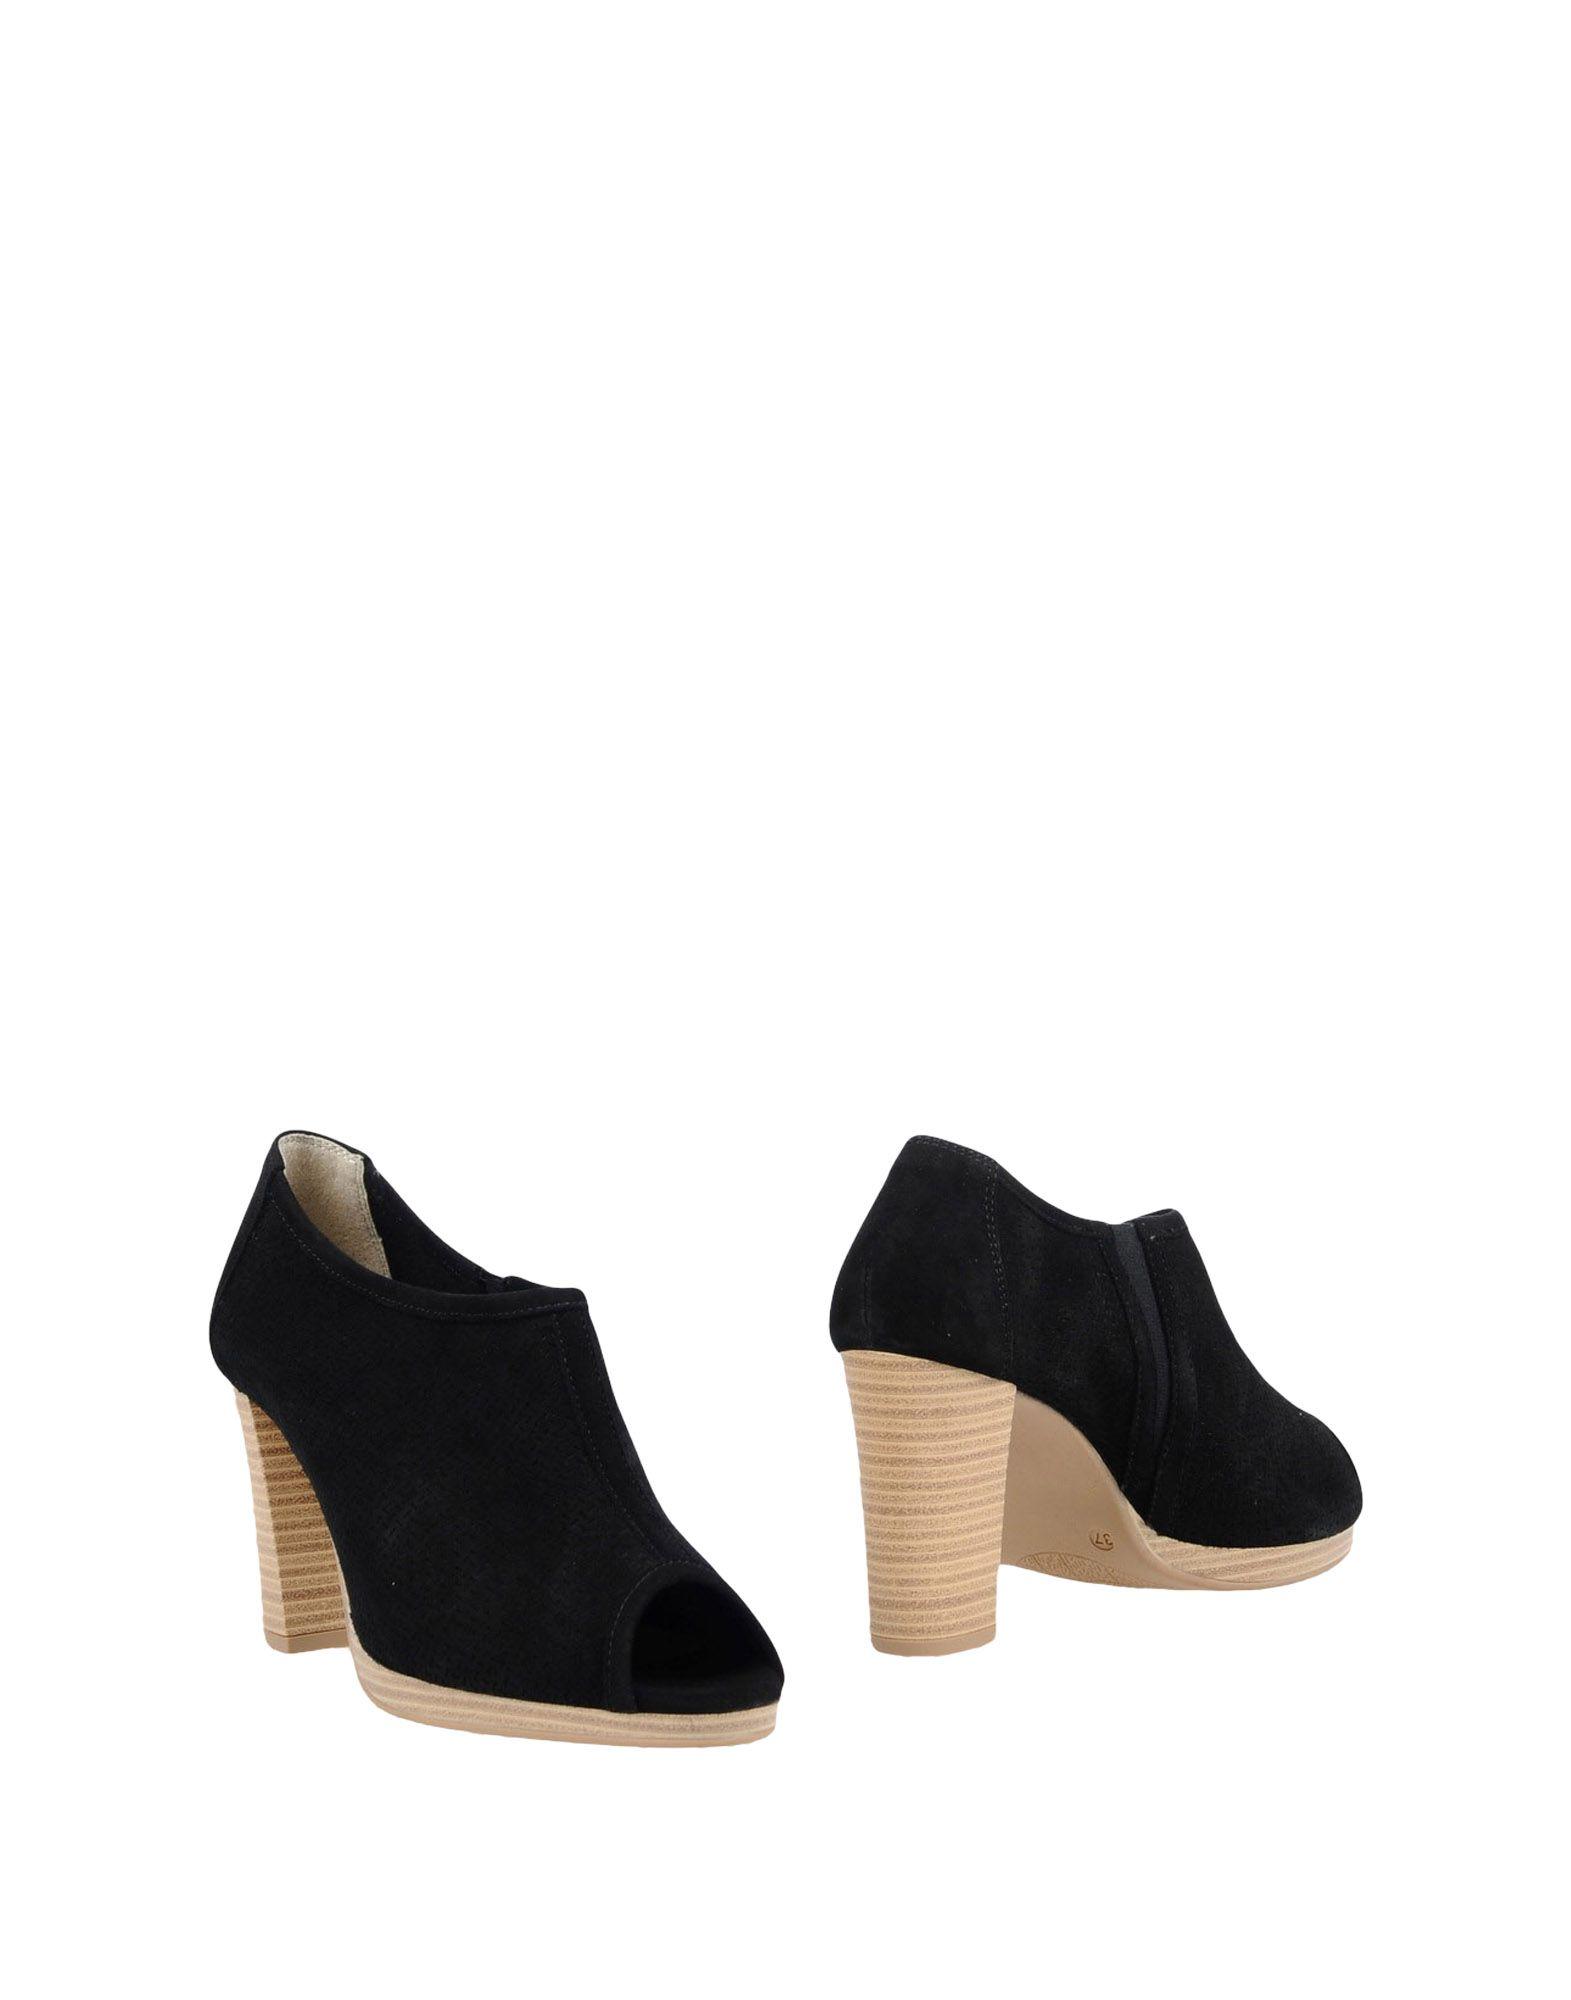 Pelledoca Stiefelette Damen  11427570OS Gute Qualität beliebte Schuhe